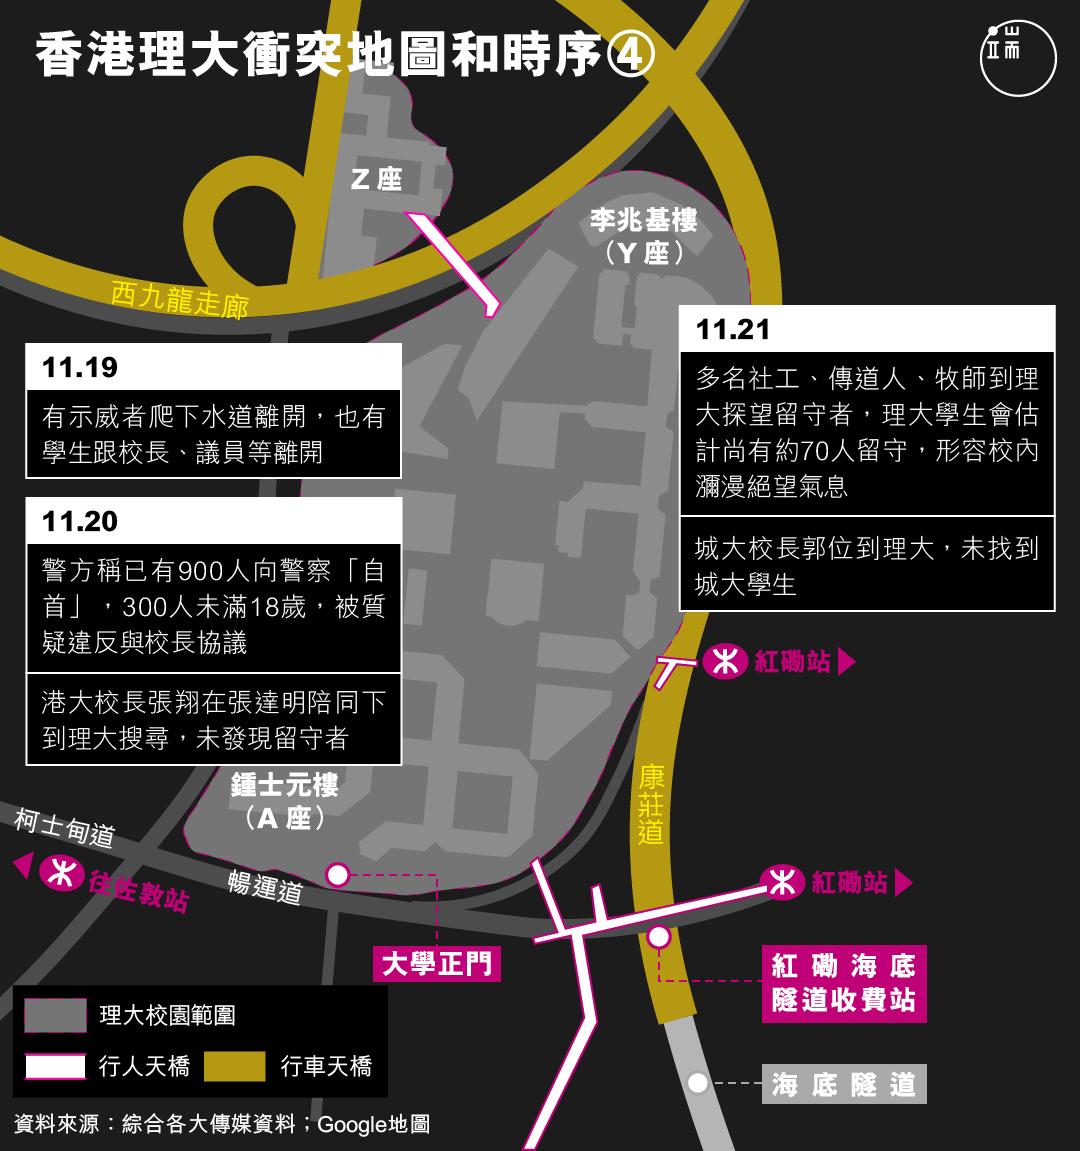 香港理大衝突地圖和時序(4)